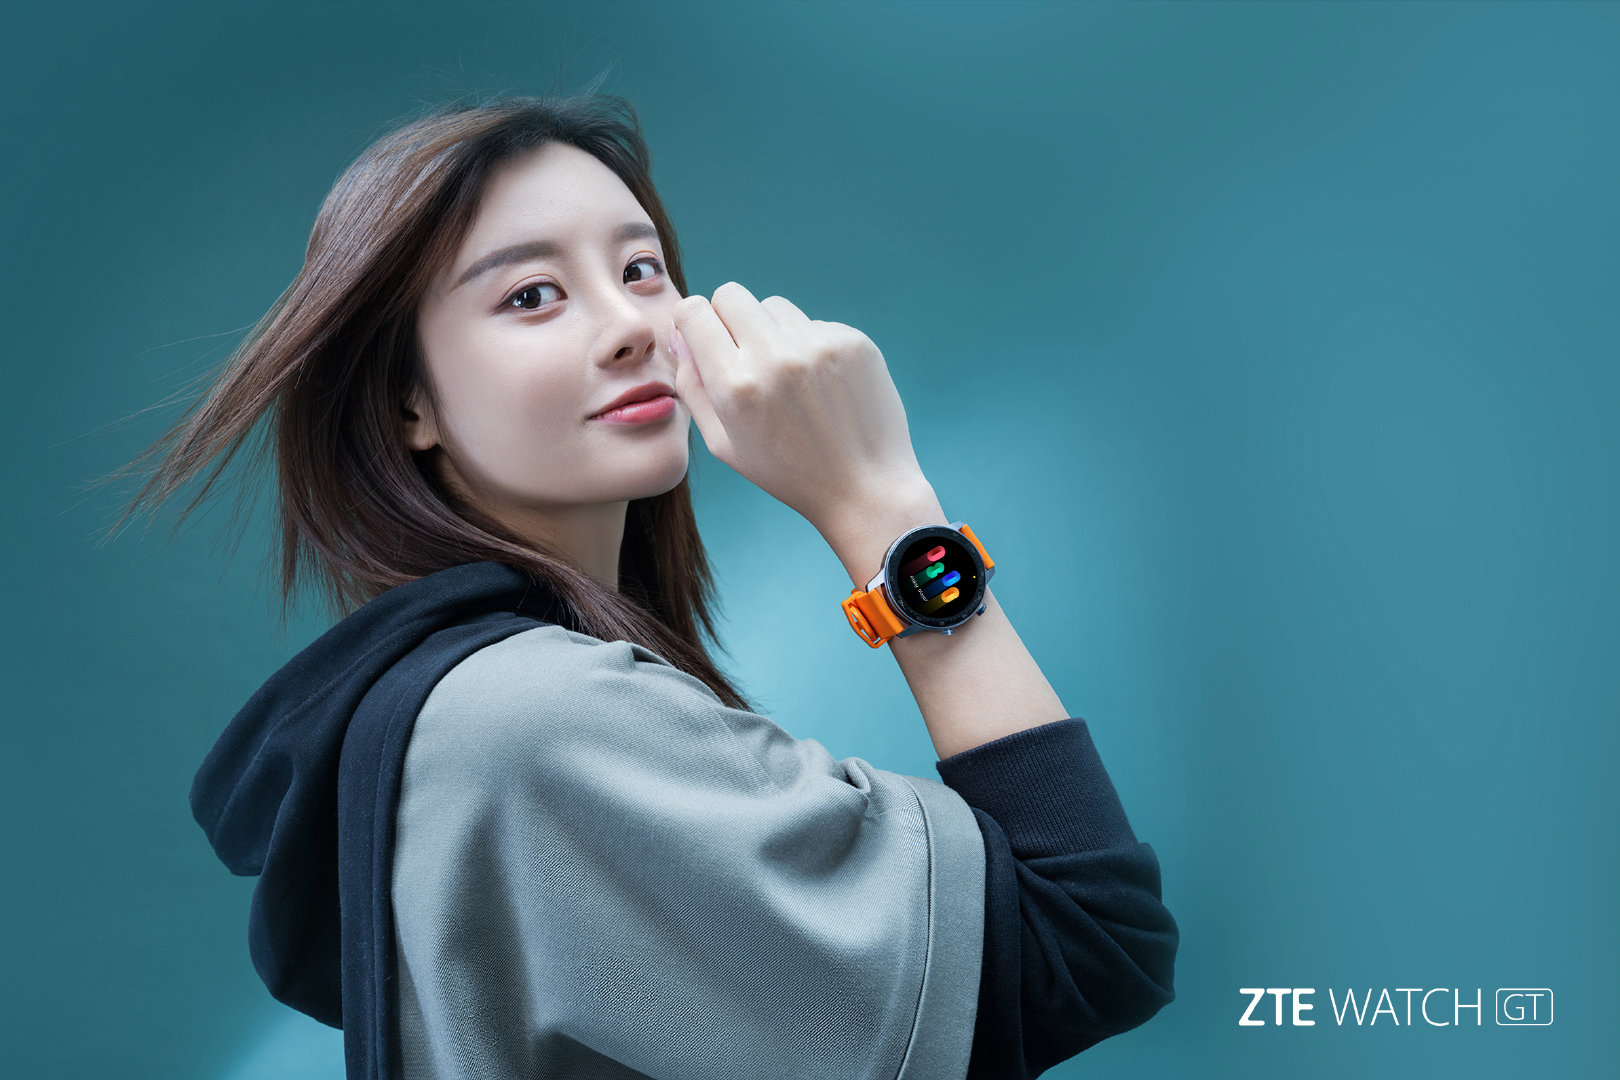 ZTE Watch GT 3 1620x1080x